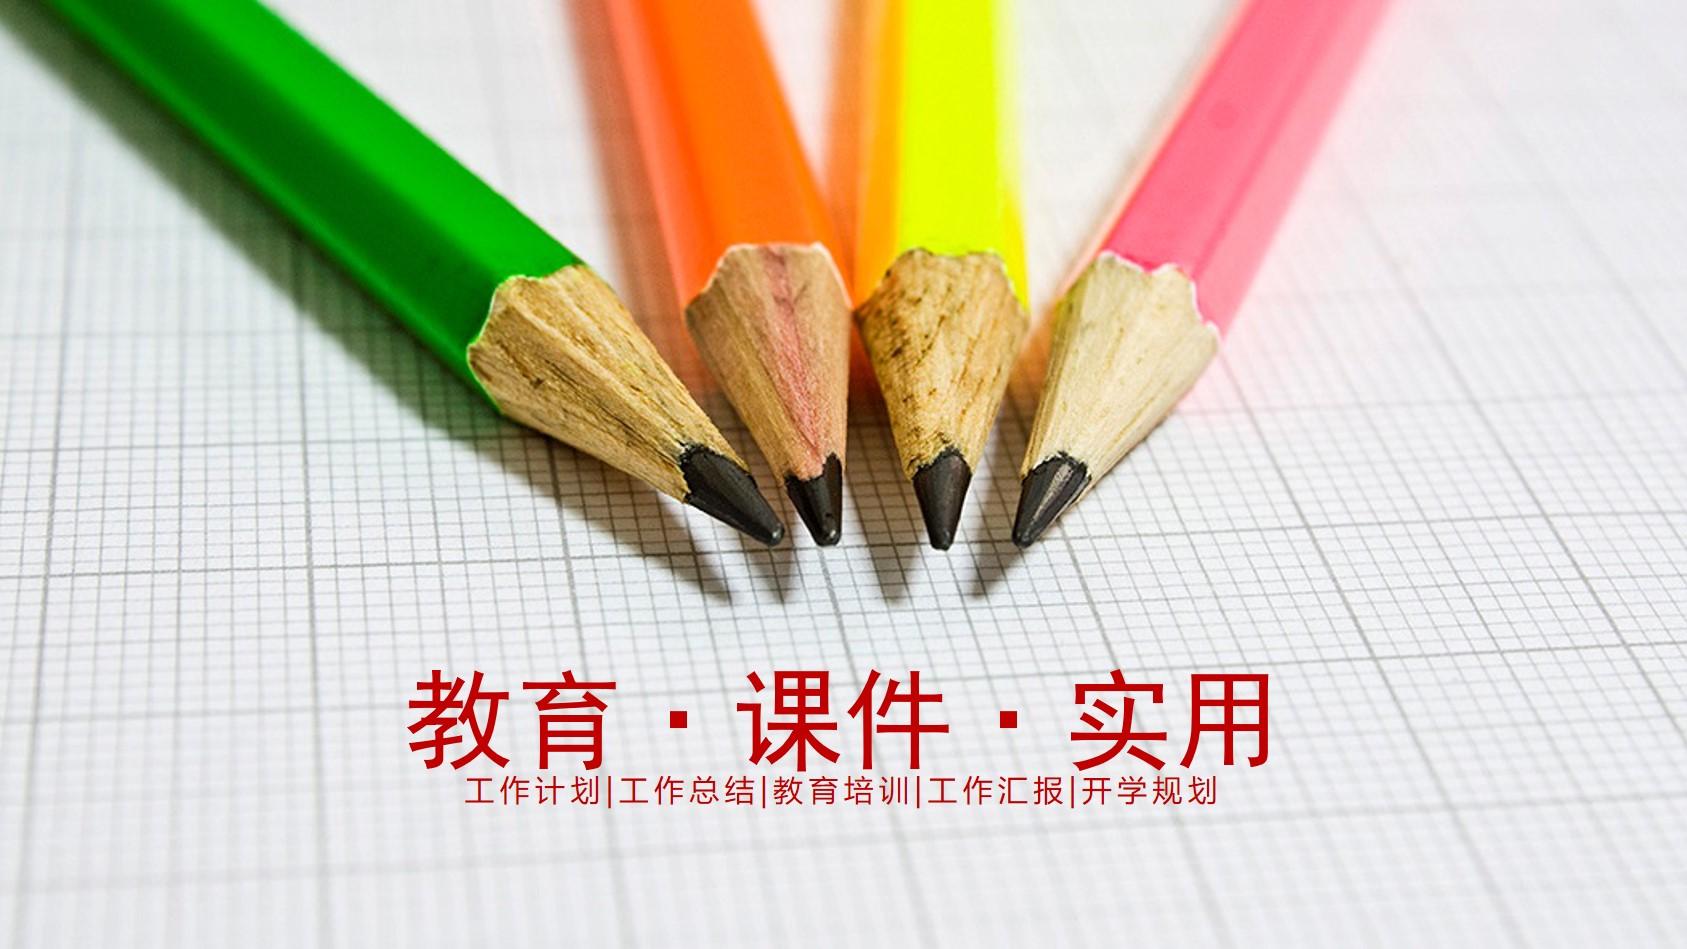 彩色铅笔背景的教育培训教师公开课PPT模板